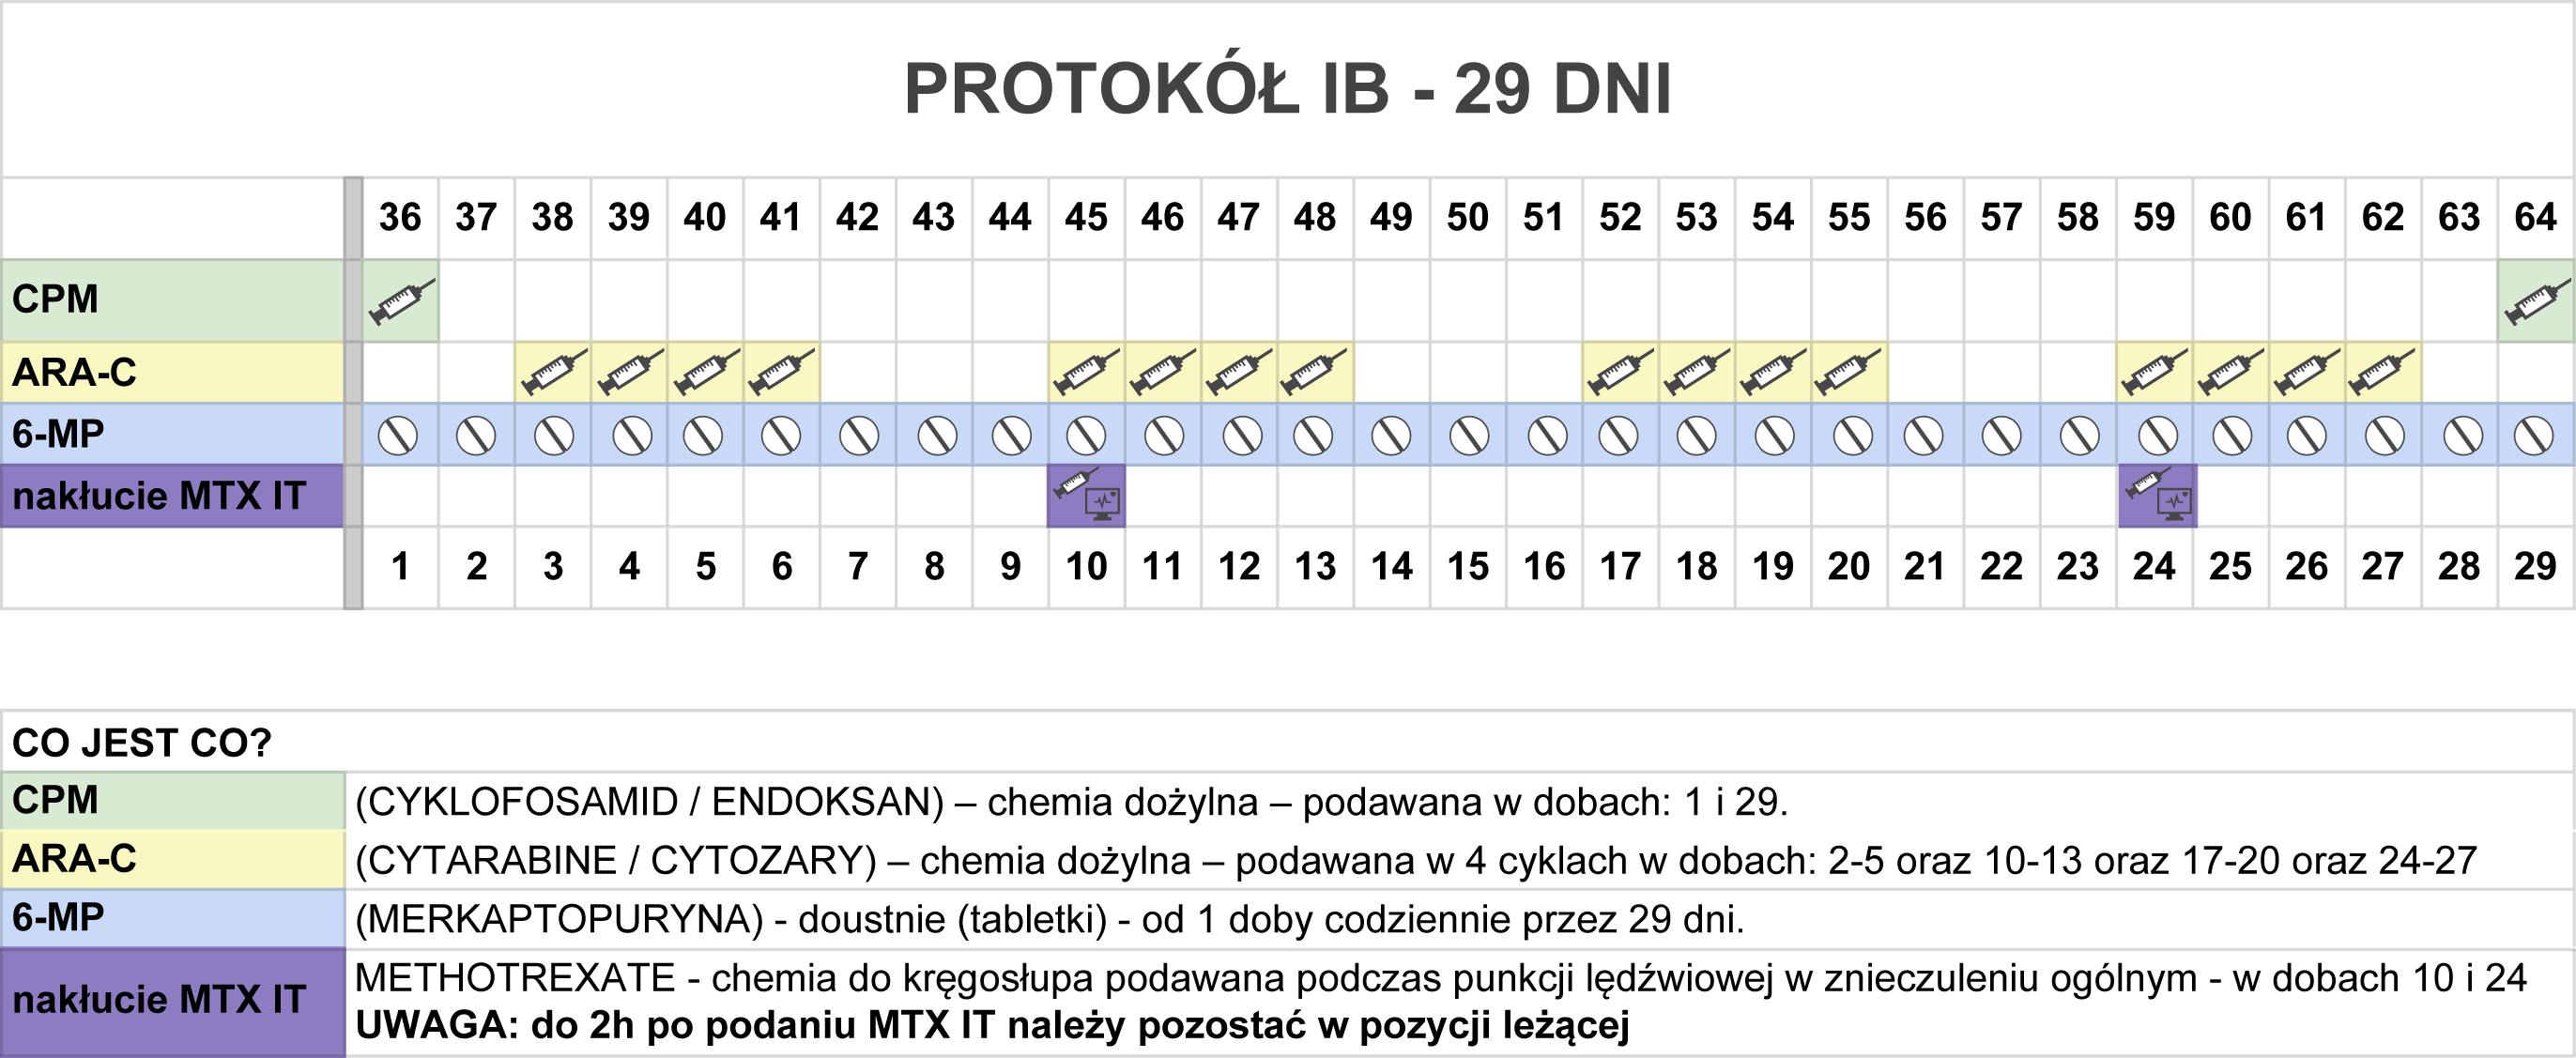 protokol-ib